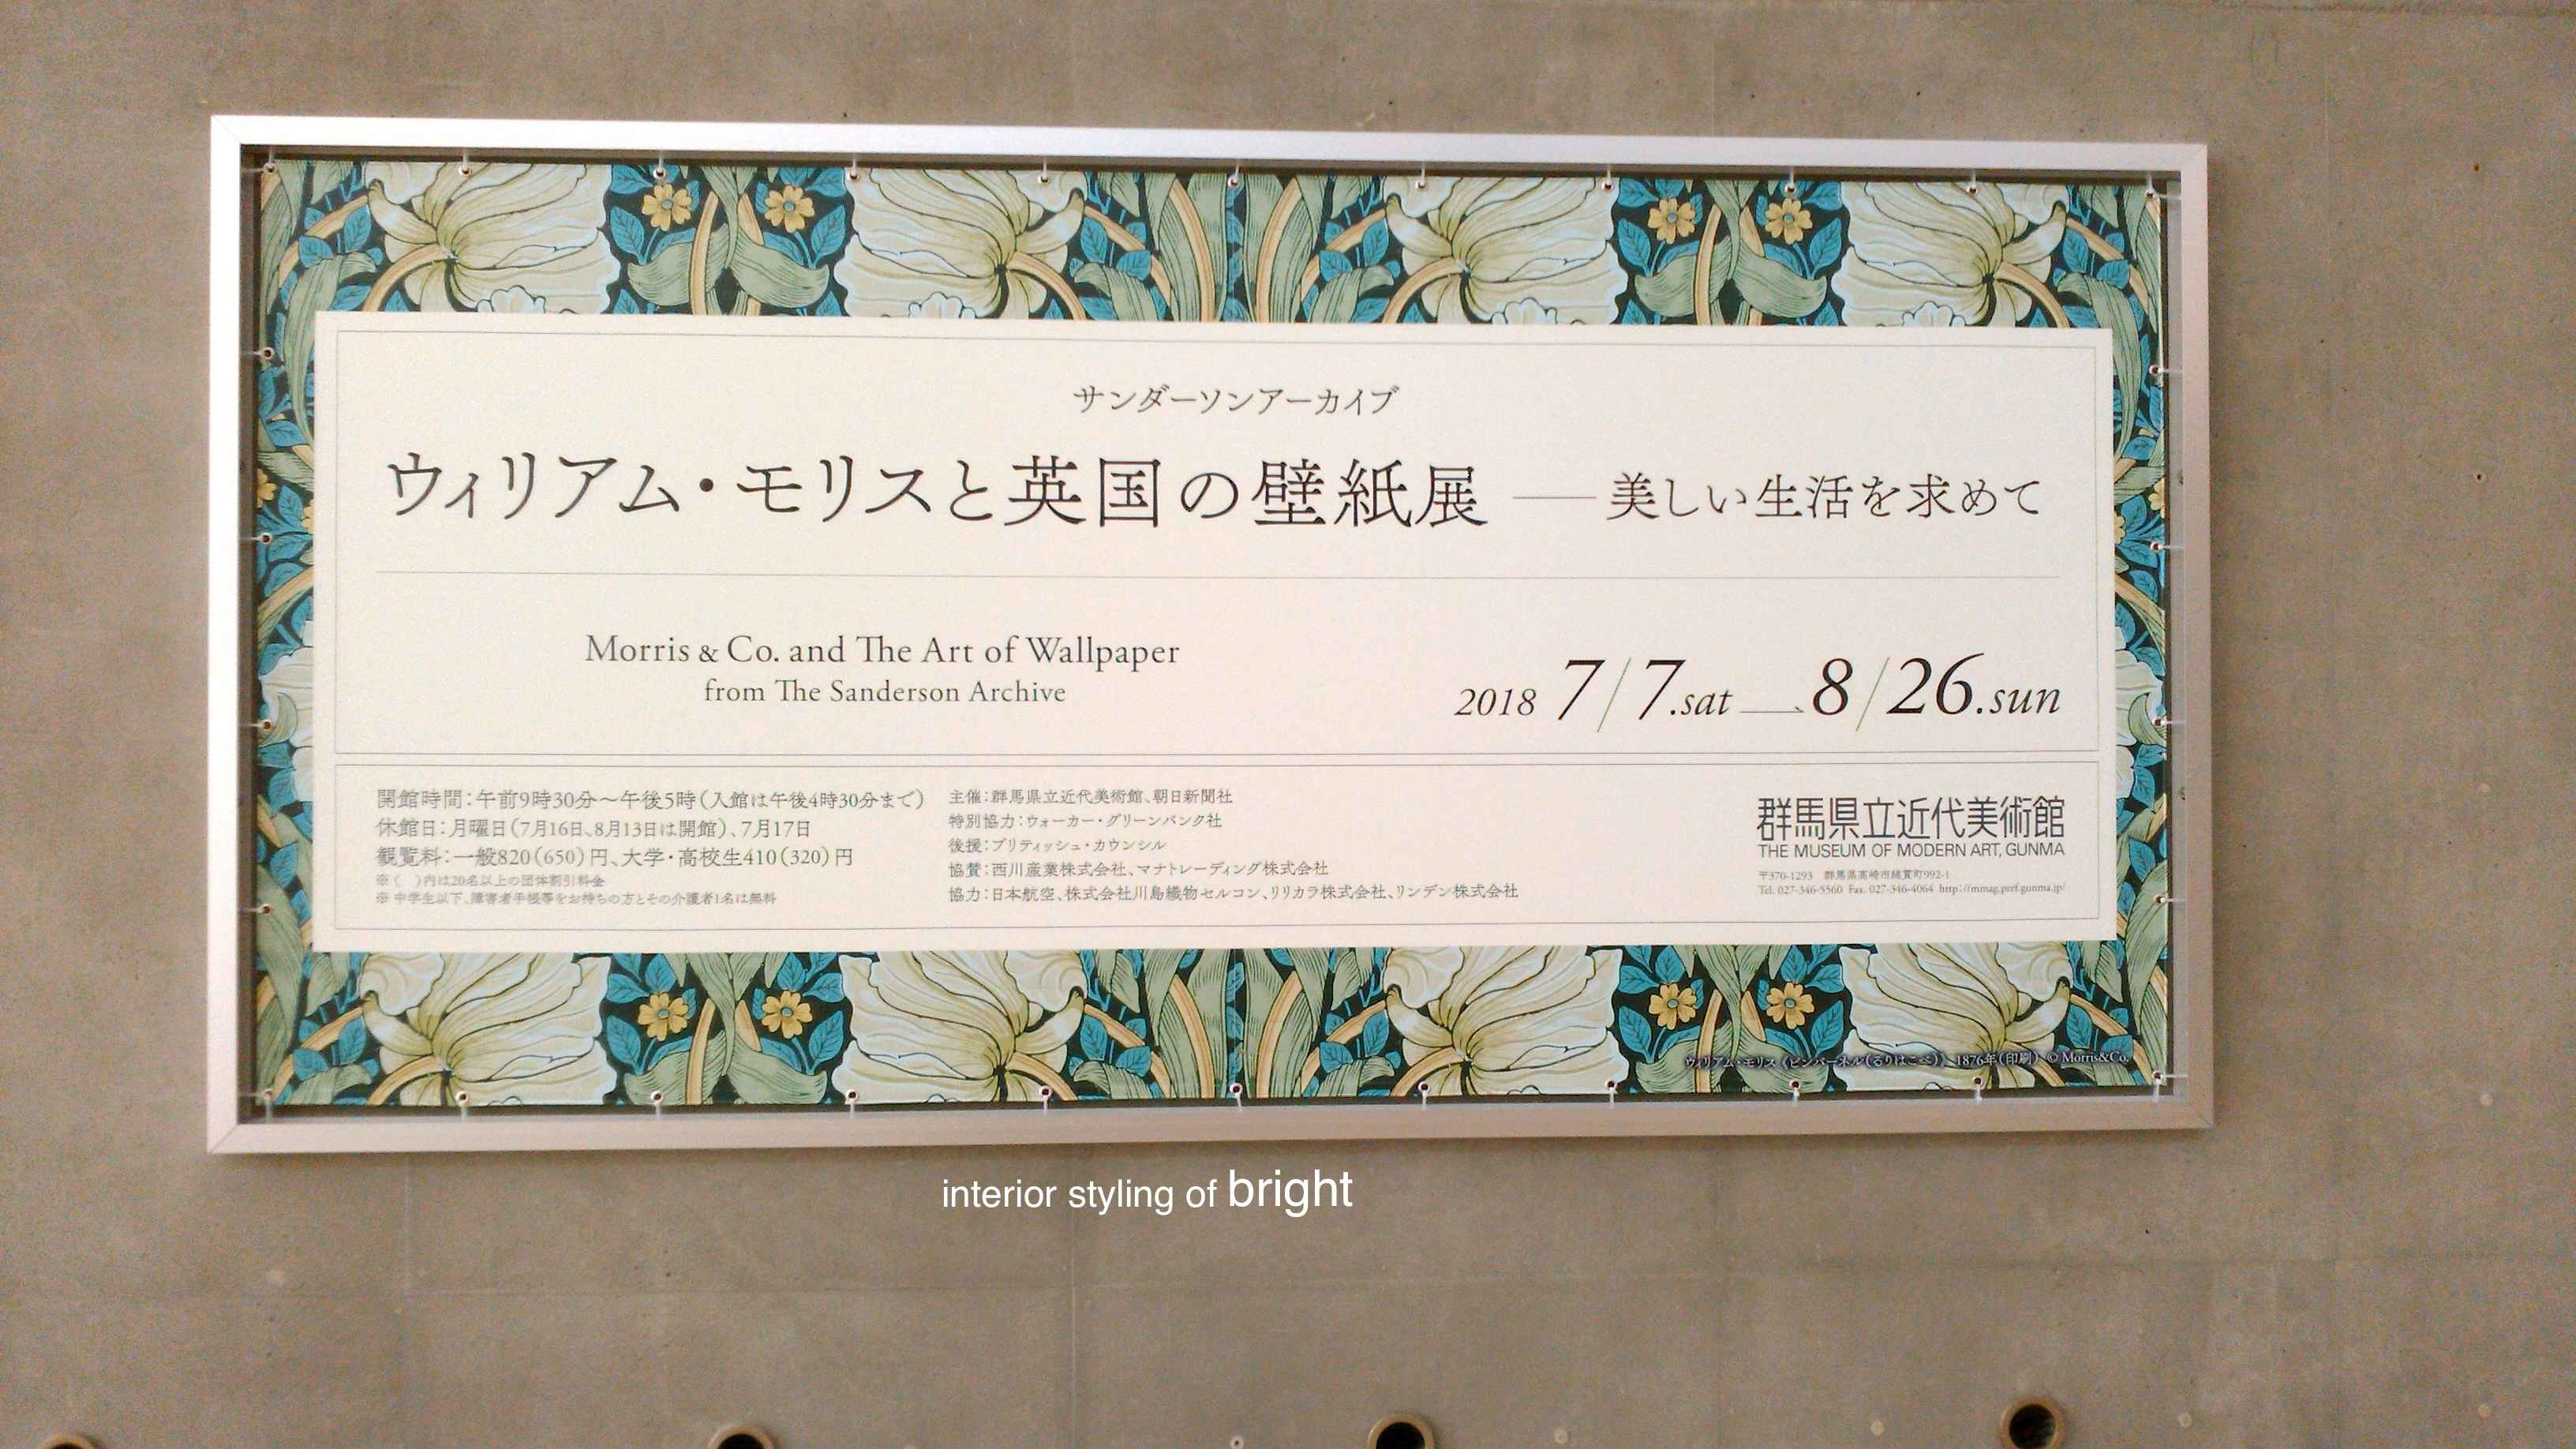 『ウィリアム・モリスと英国の壁紙展』 群馬県立近代美術館_c0157866_19581209.jpg